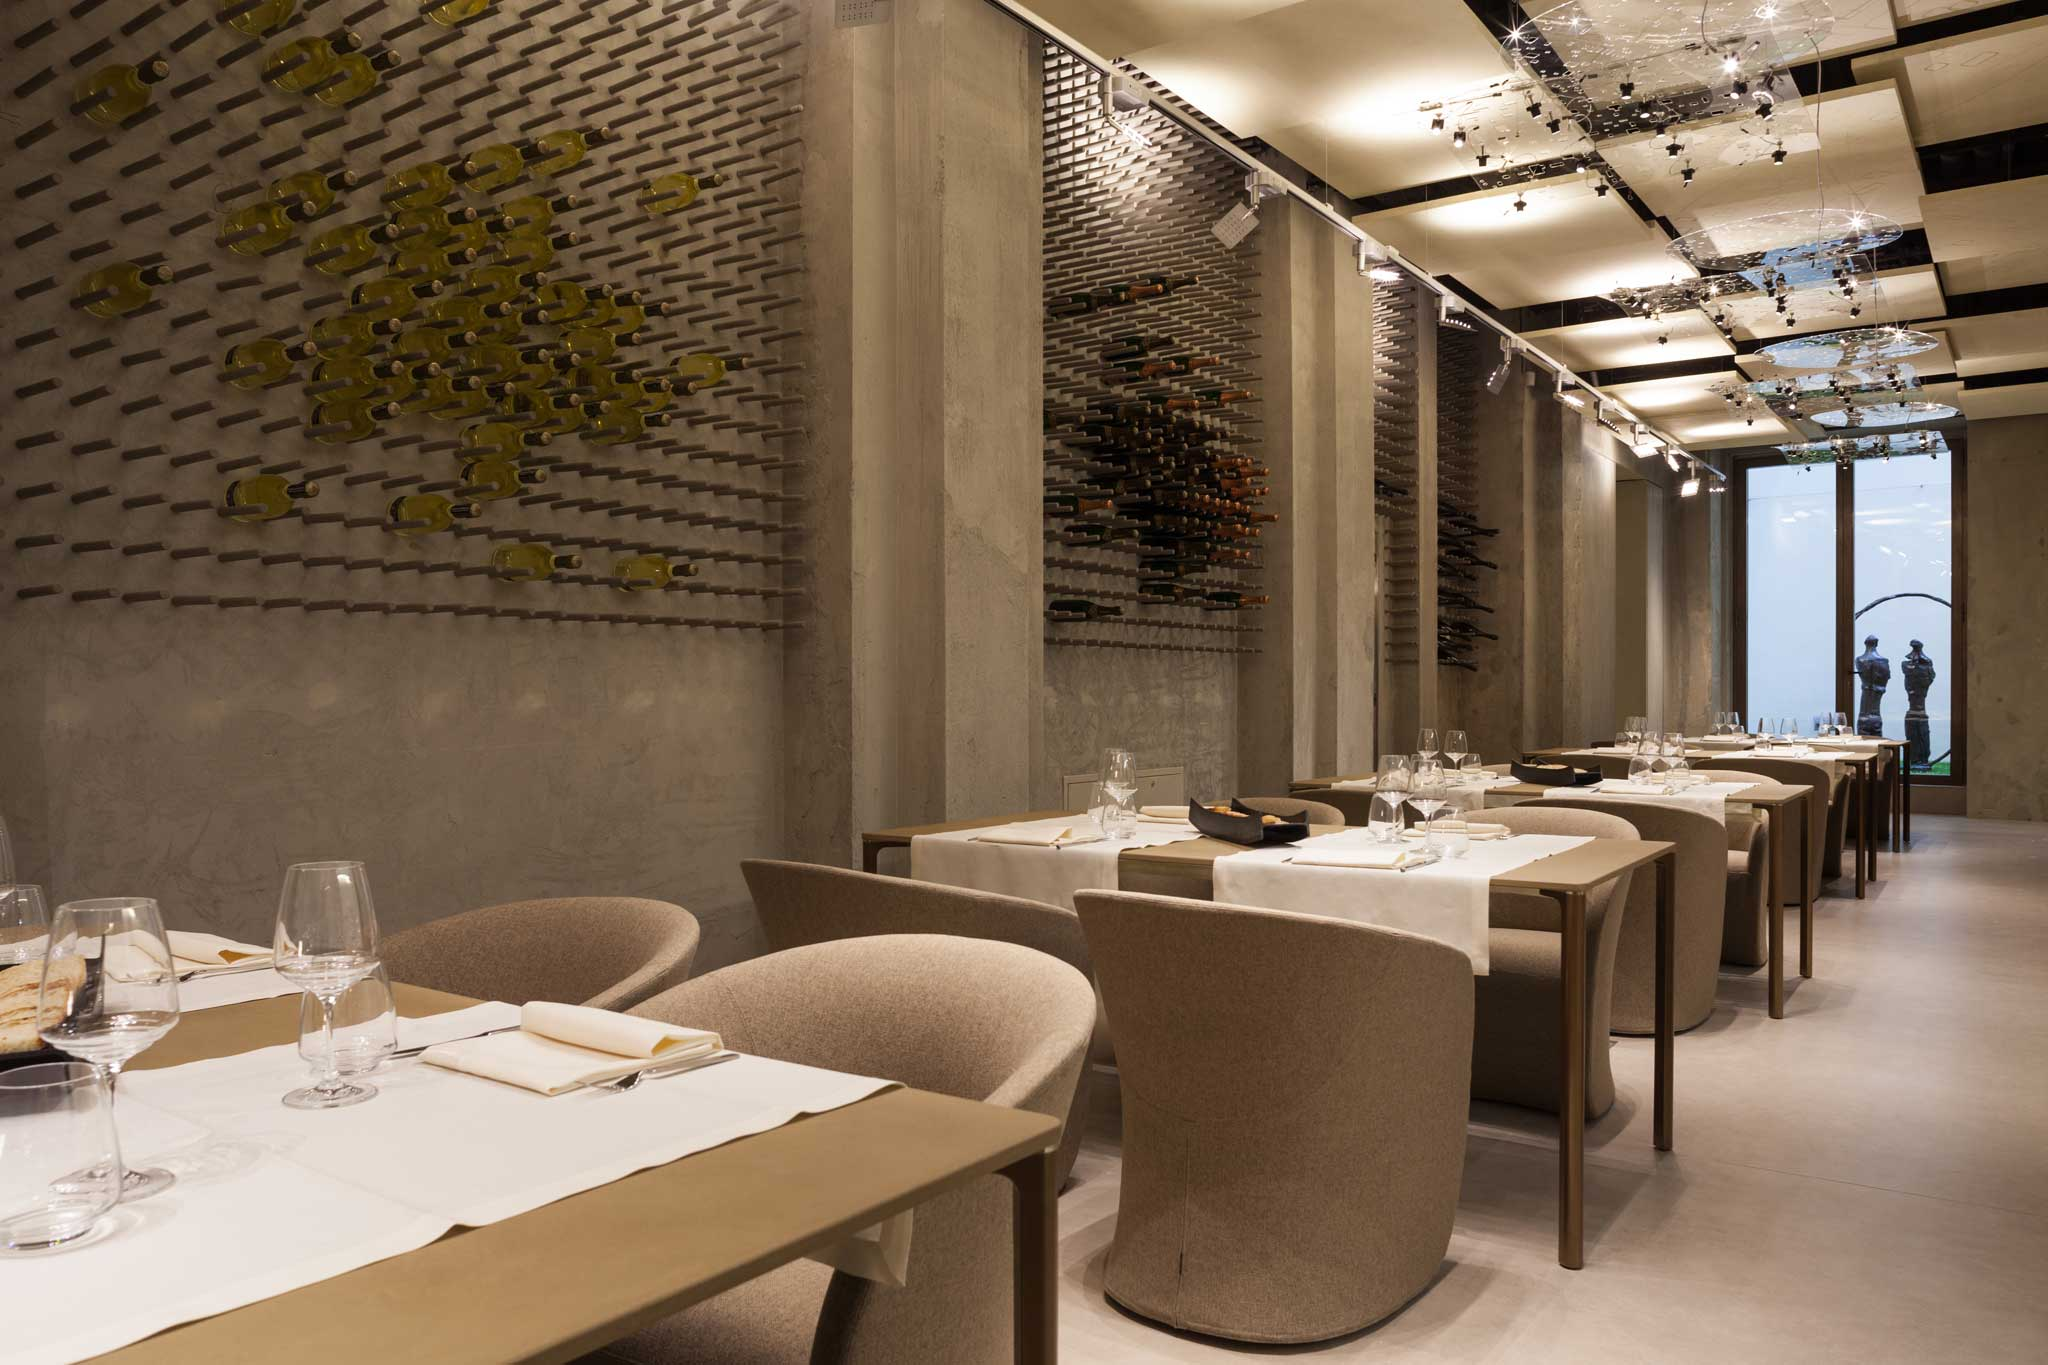 Milano cibo vino arte design moda di alta gamma a larte for Design di milano